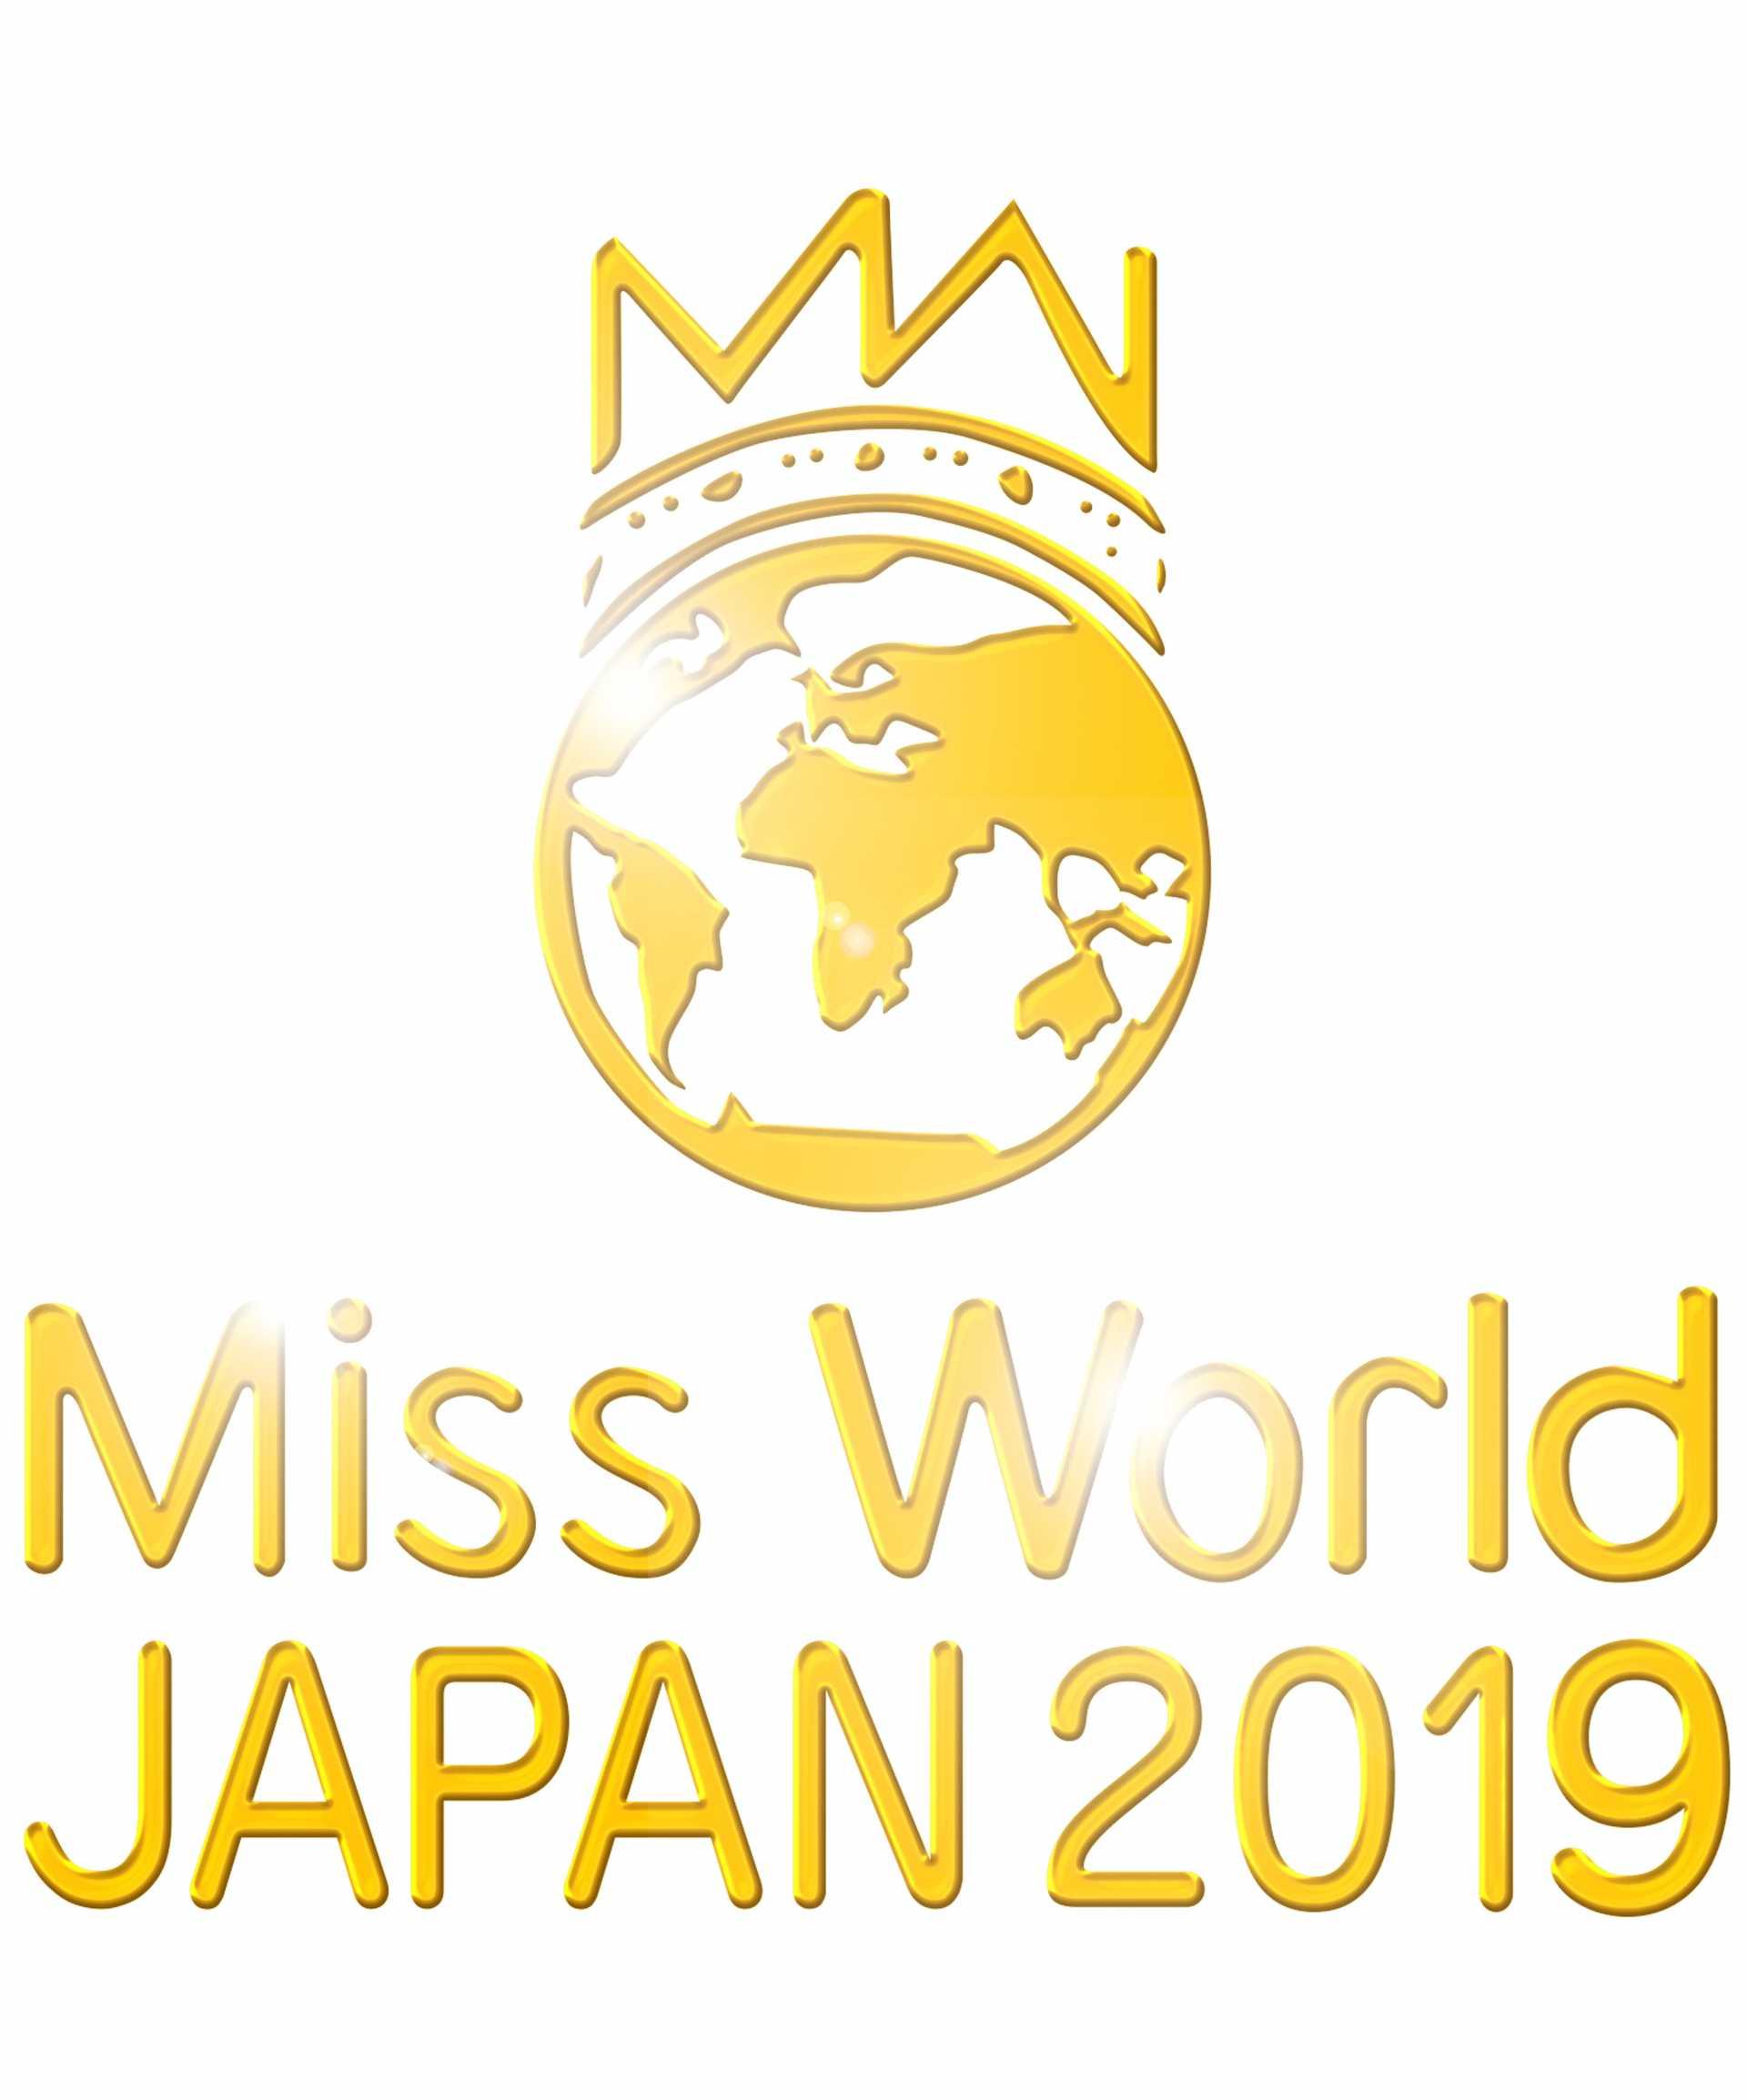 「ミス・ワールド・ジャパン2019」の オフィシャルサポーターに就任いたしました!